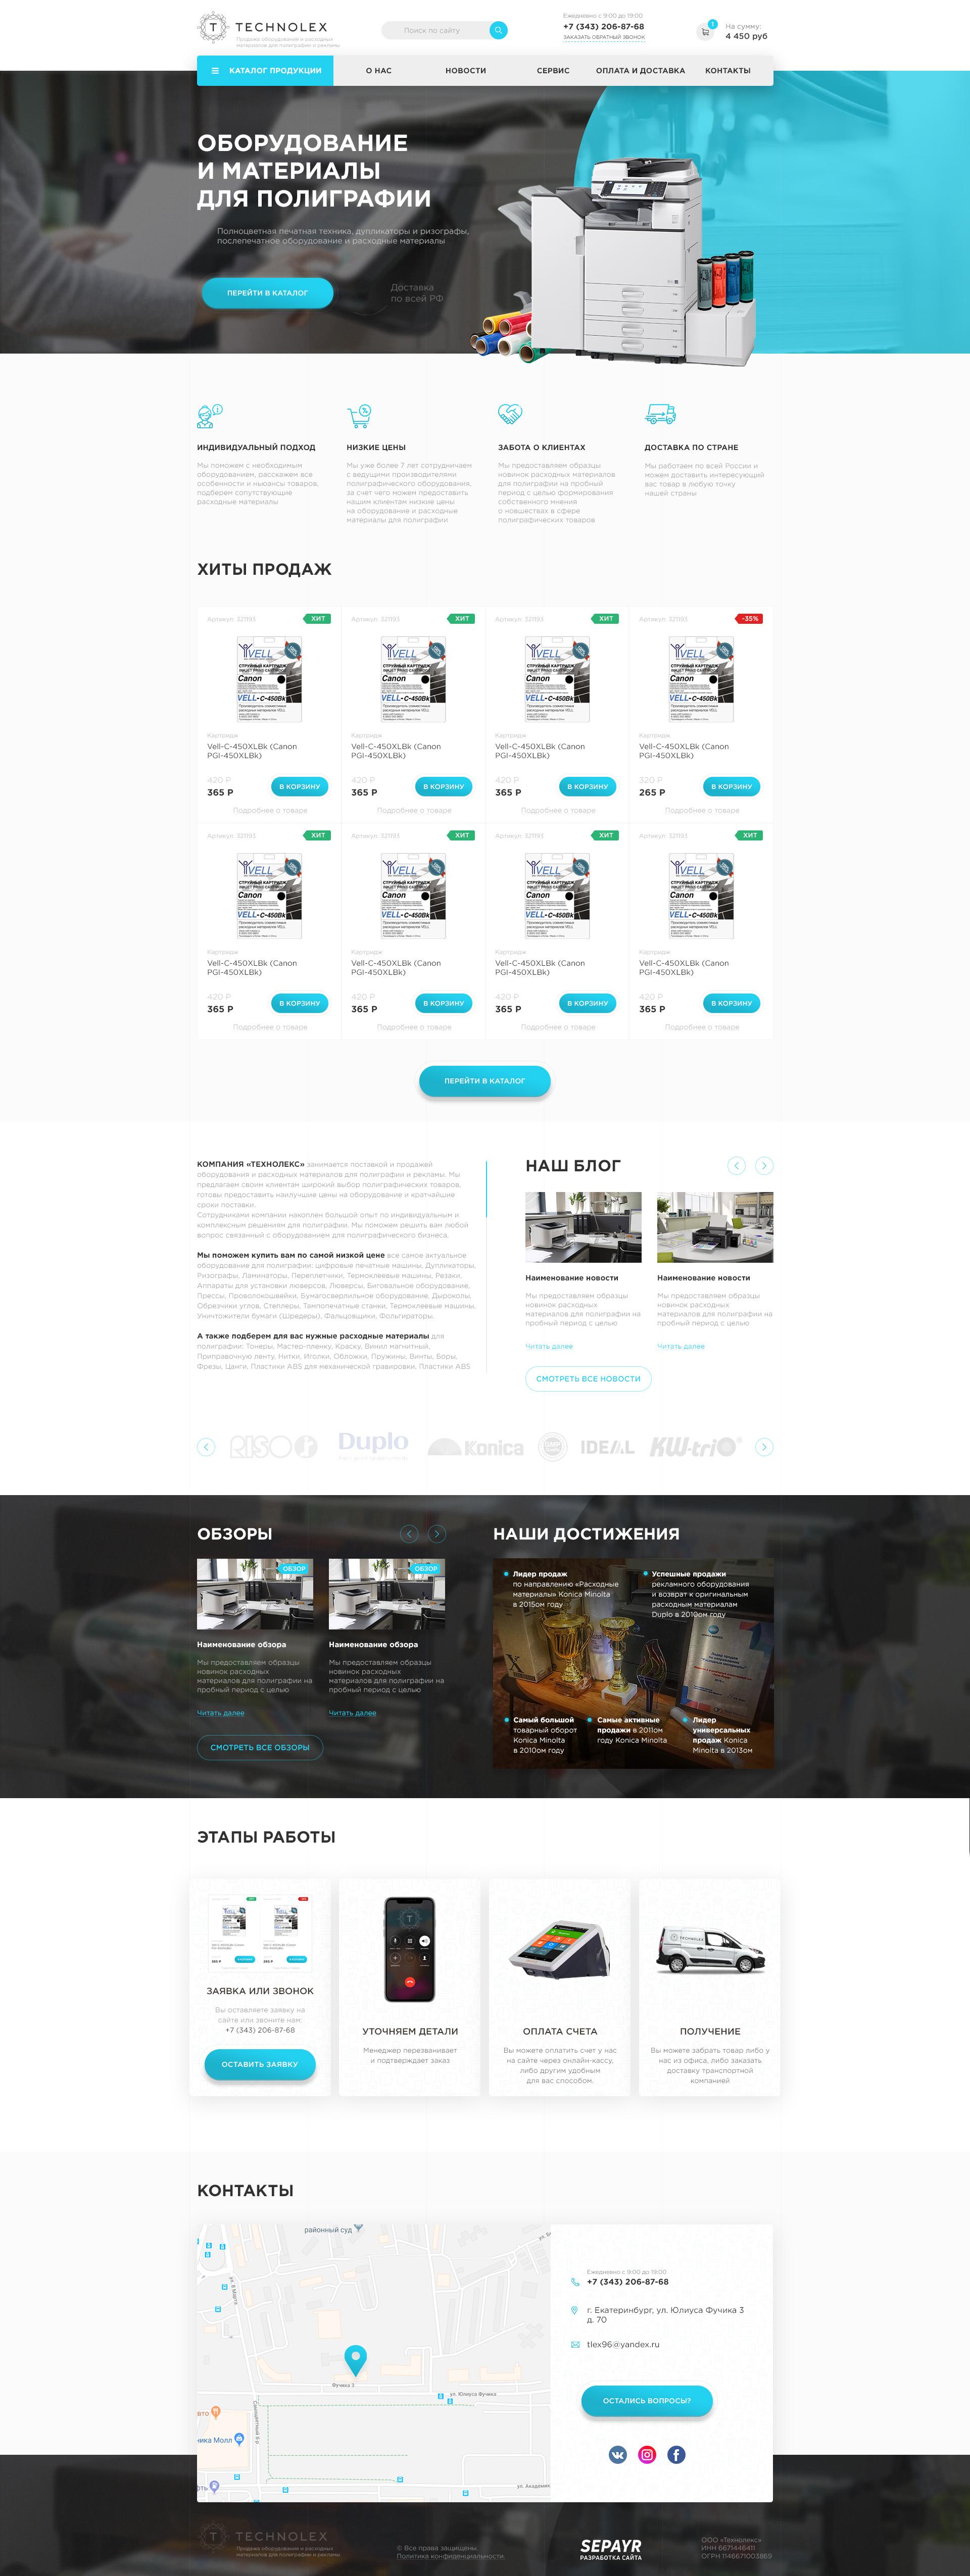 Посадка дизайна и программирование магазина на Opencat (technolex96.ru)